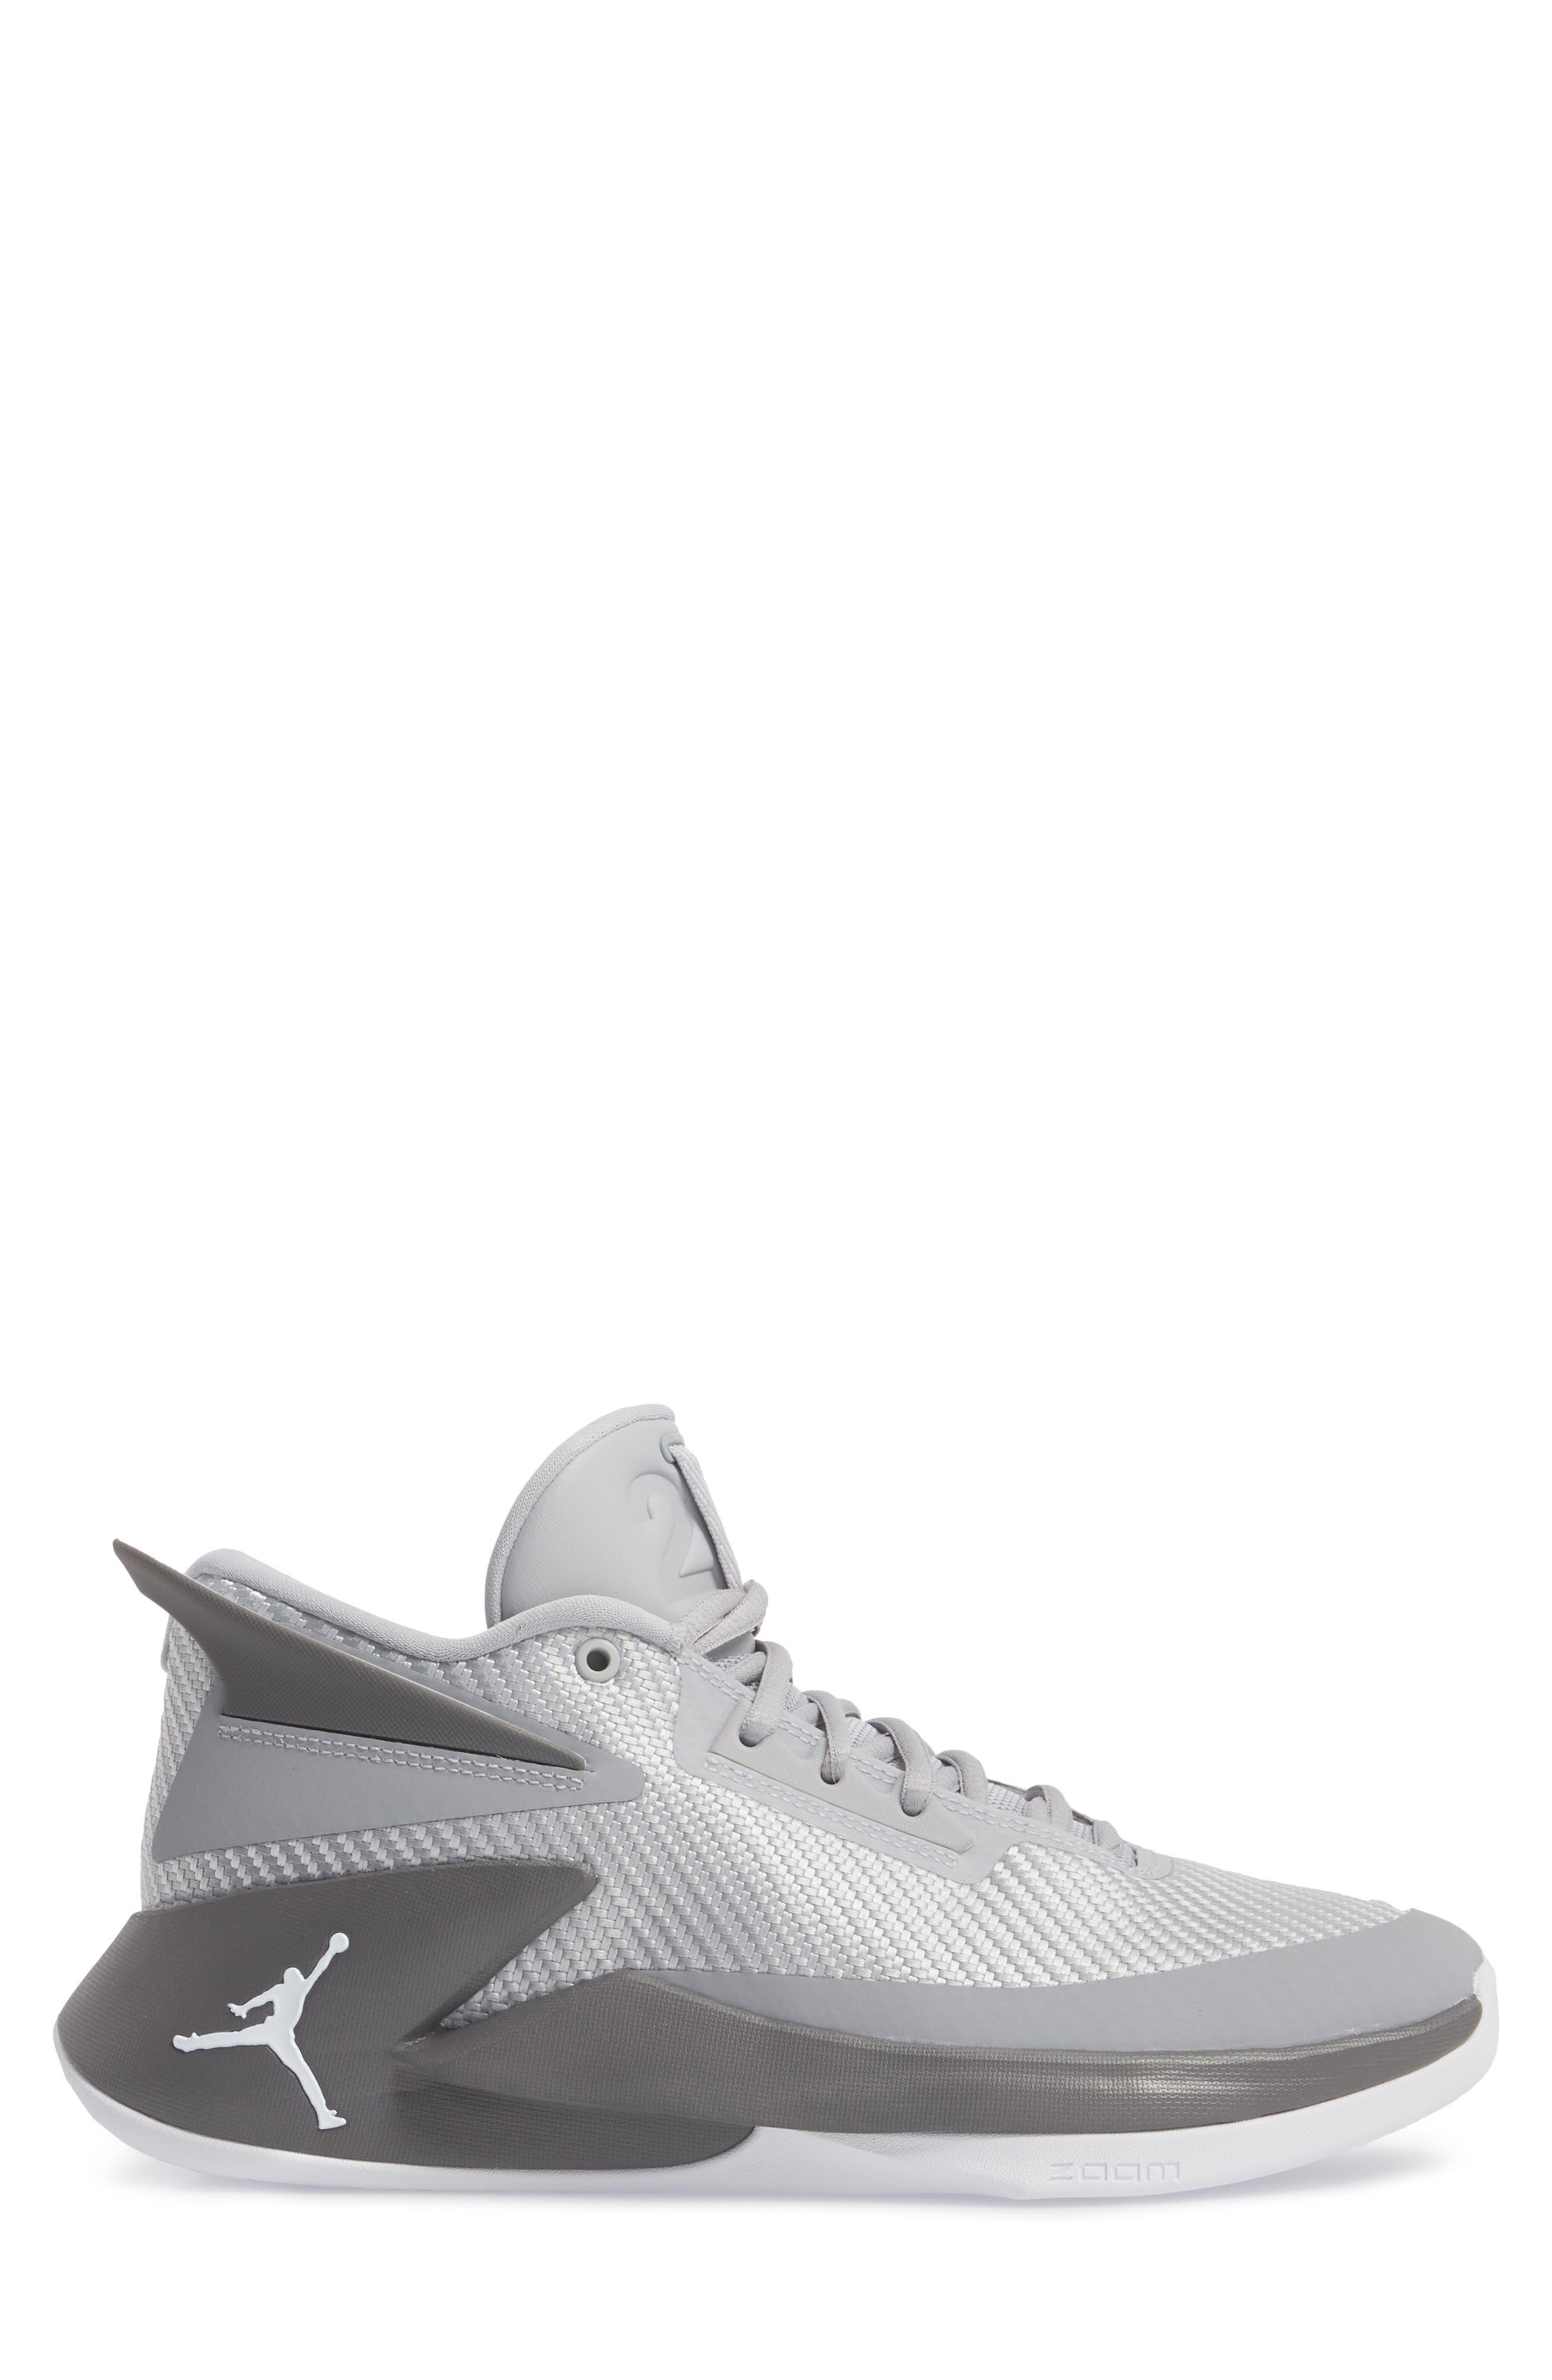 Jordan Fly Lockdown Sneaker,                             Alternate thumbnail 6, color,